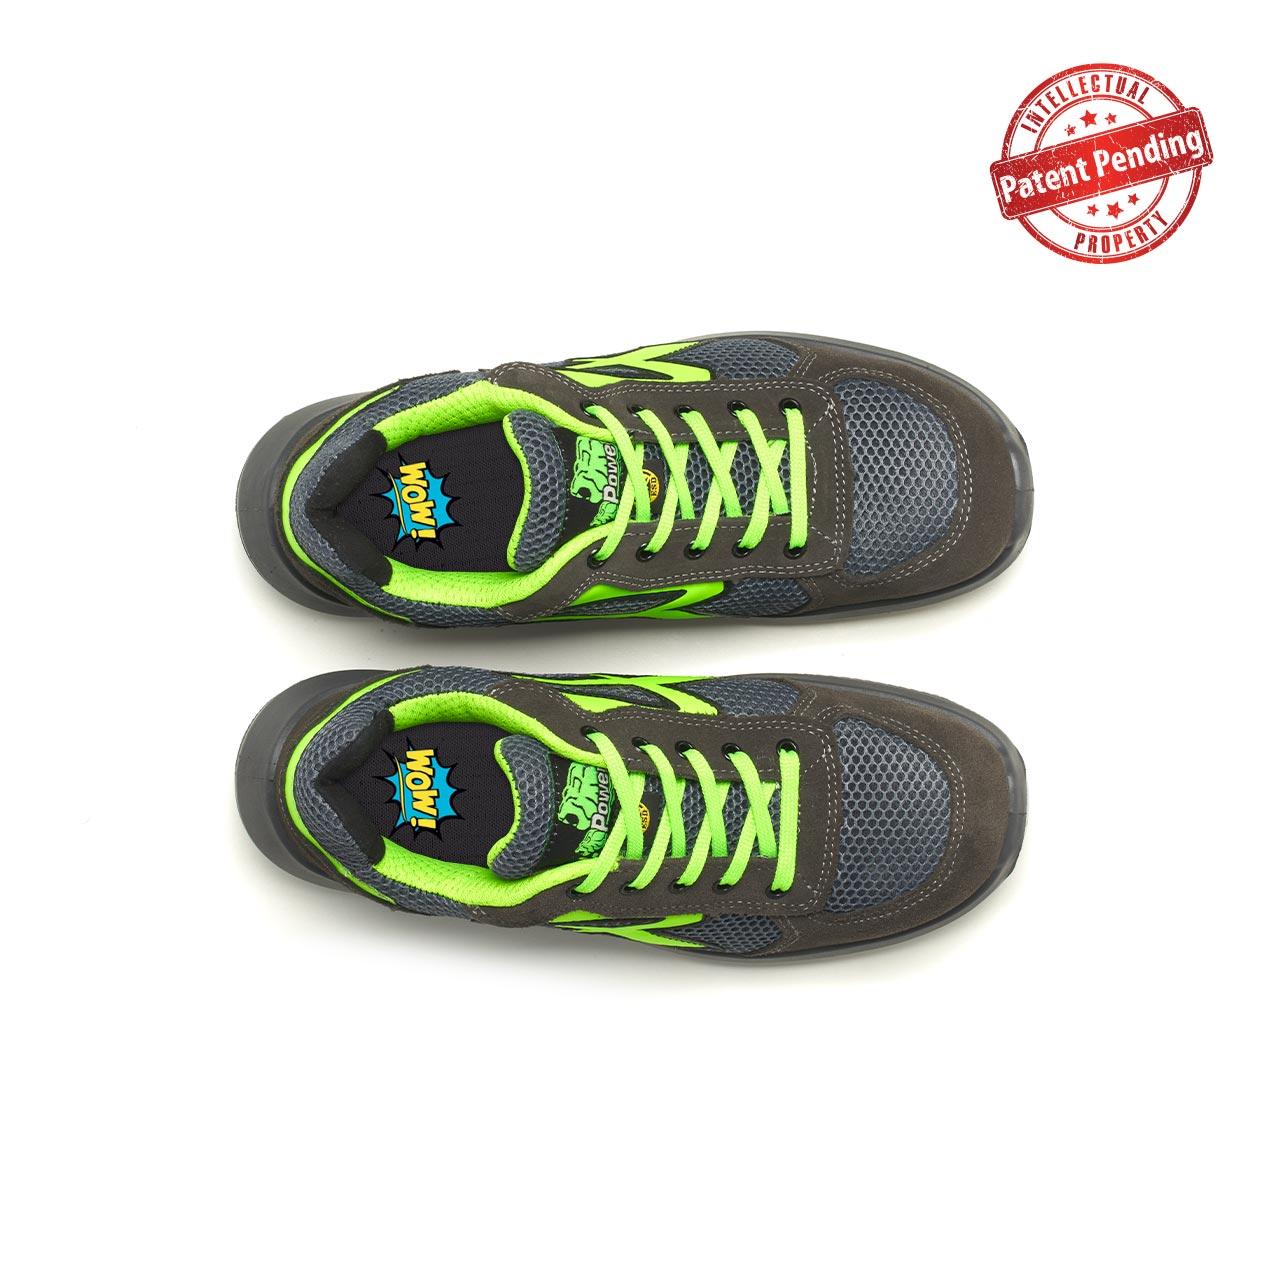 paio di scarpe antinfortunistiche upower modello gemini linea redup vista top